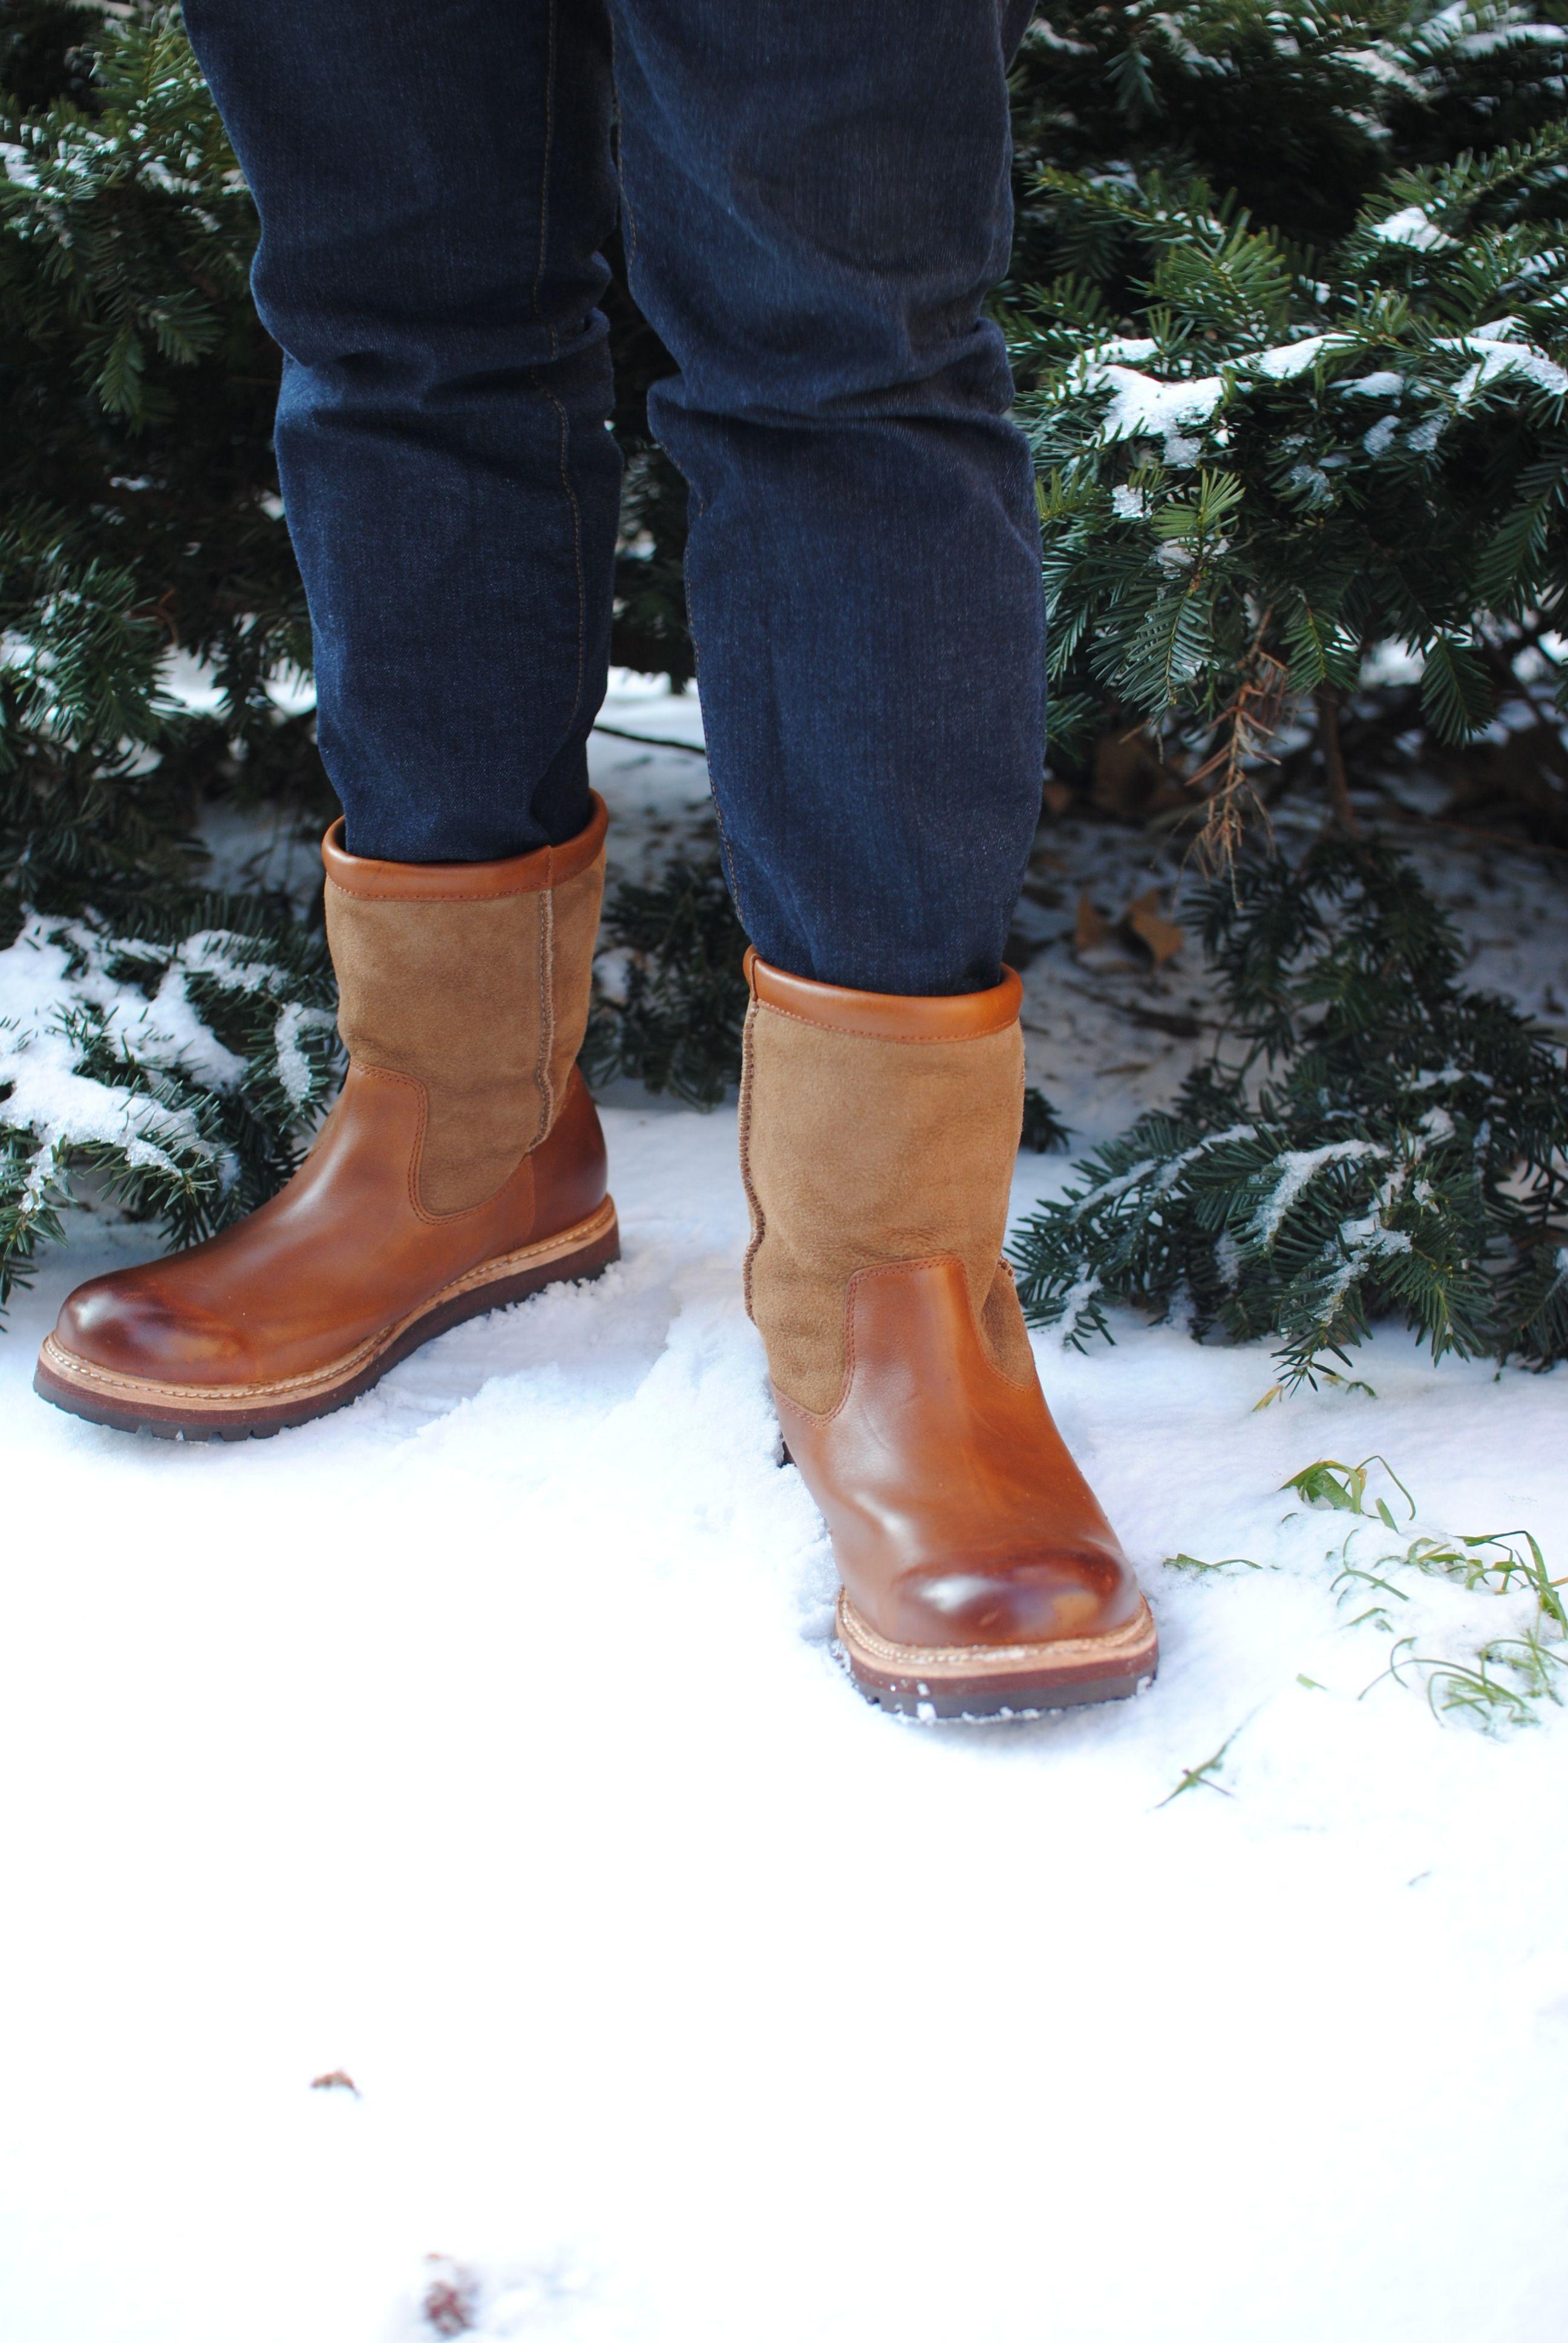 Ugg boots winter waterproof